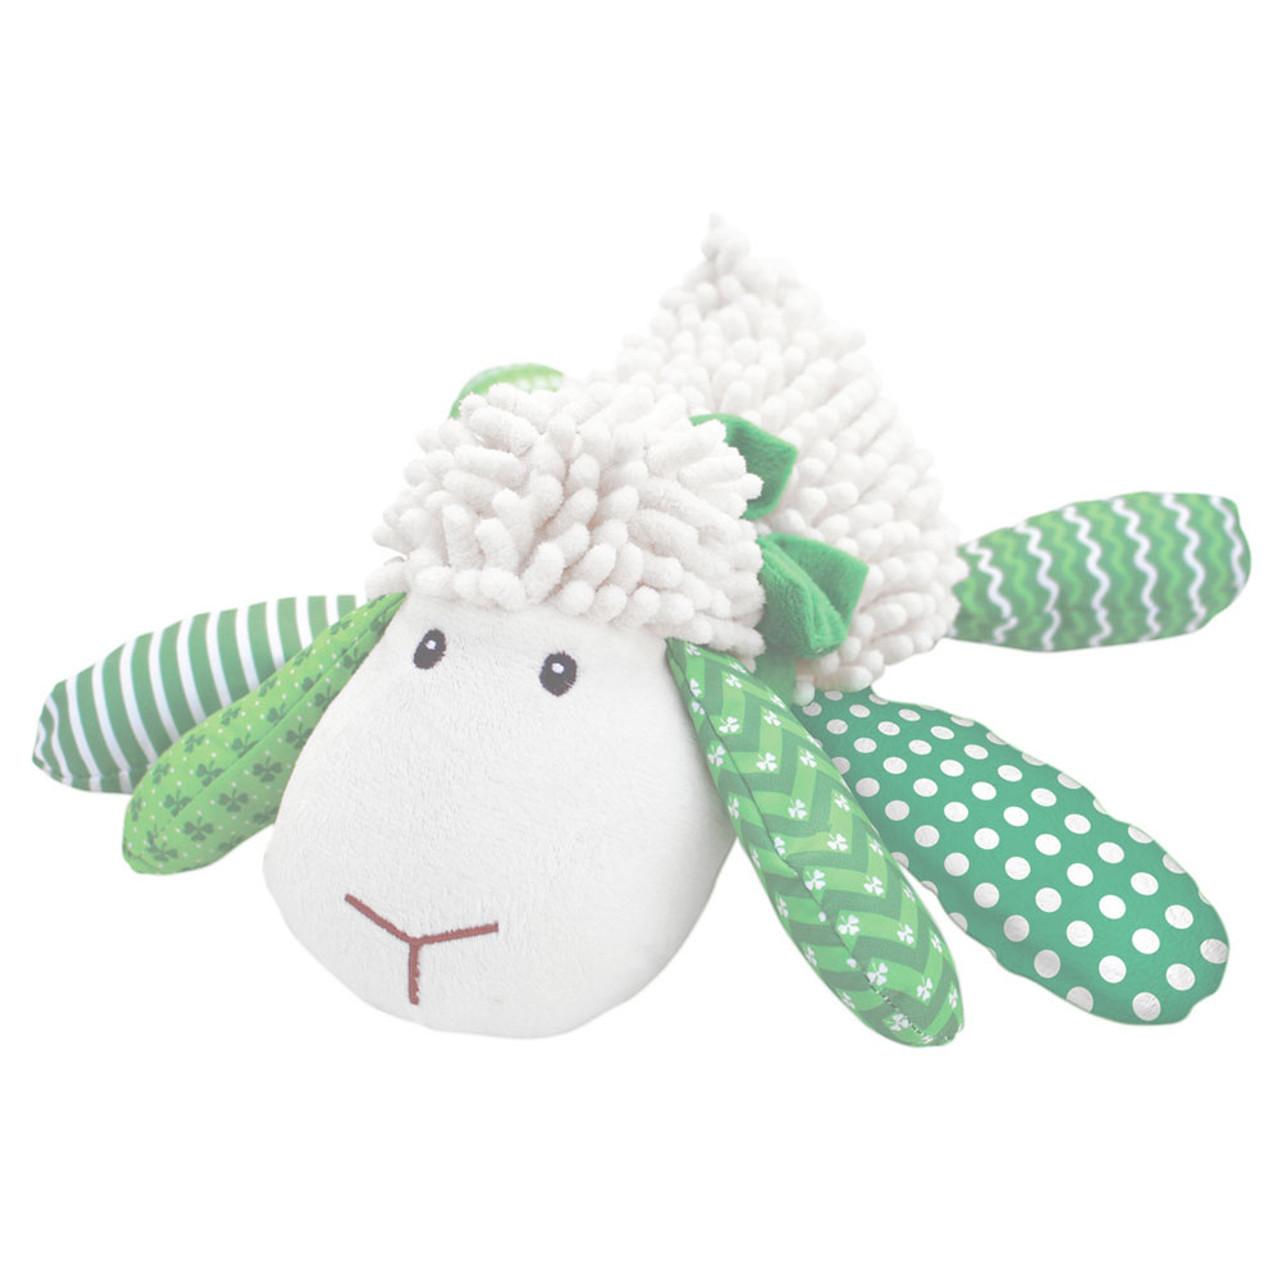 Luke the Irish Lamb Plush Stuffed Children's Toy